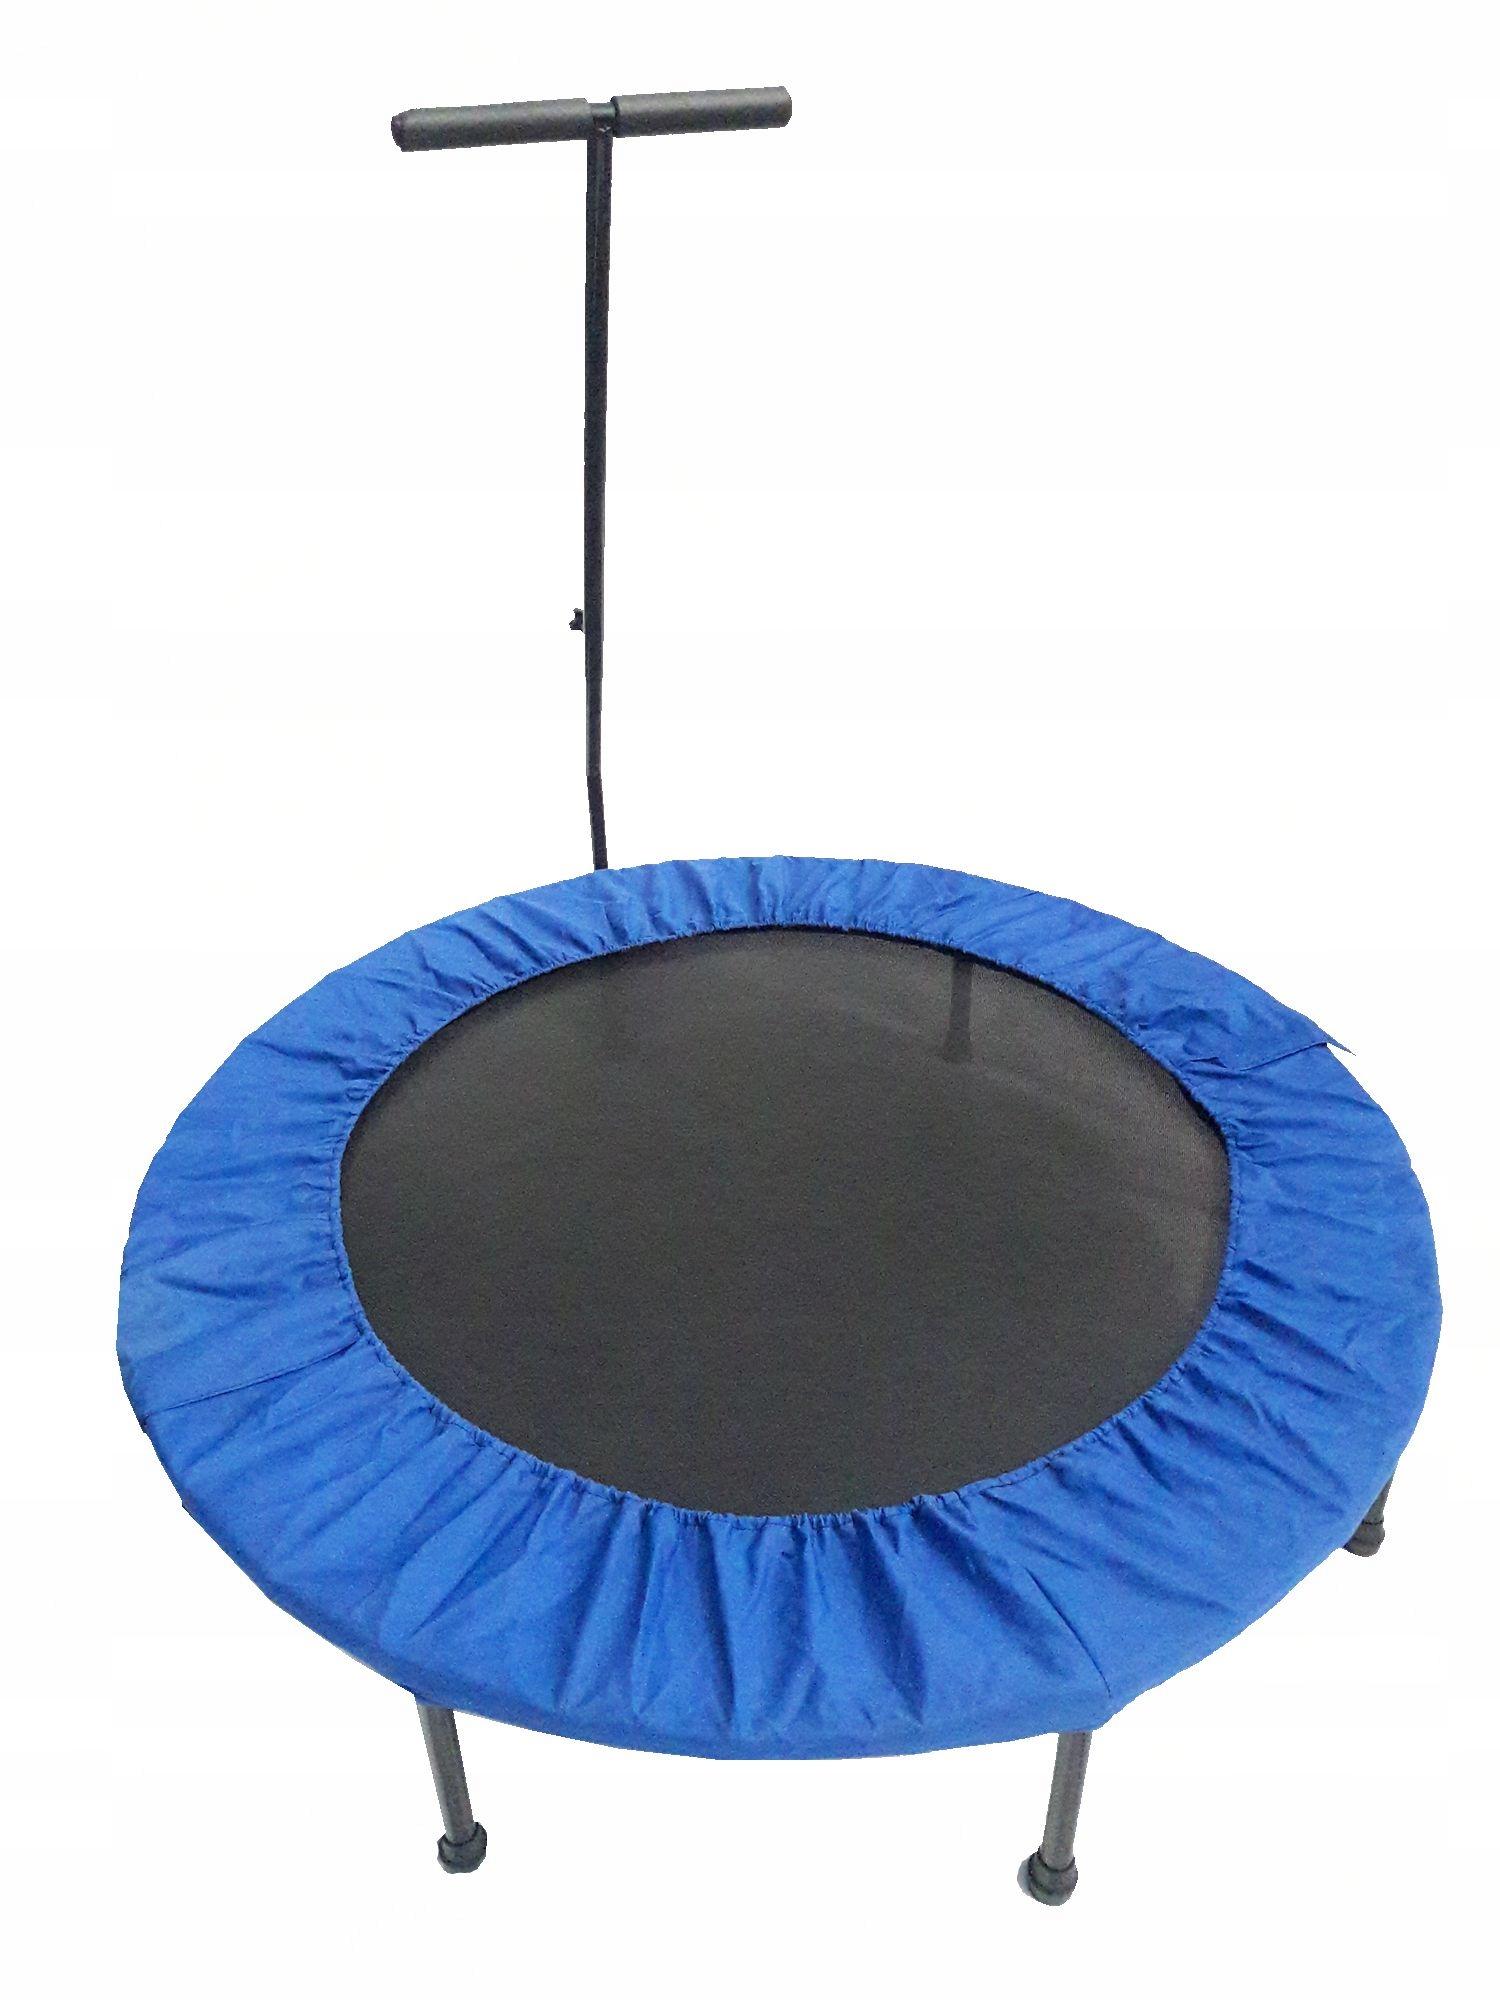 Fitness trampolína, 122 cm, s madlom.